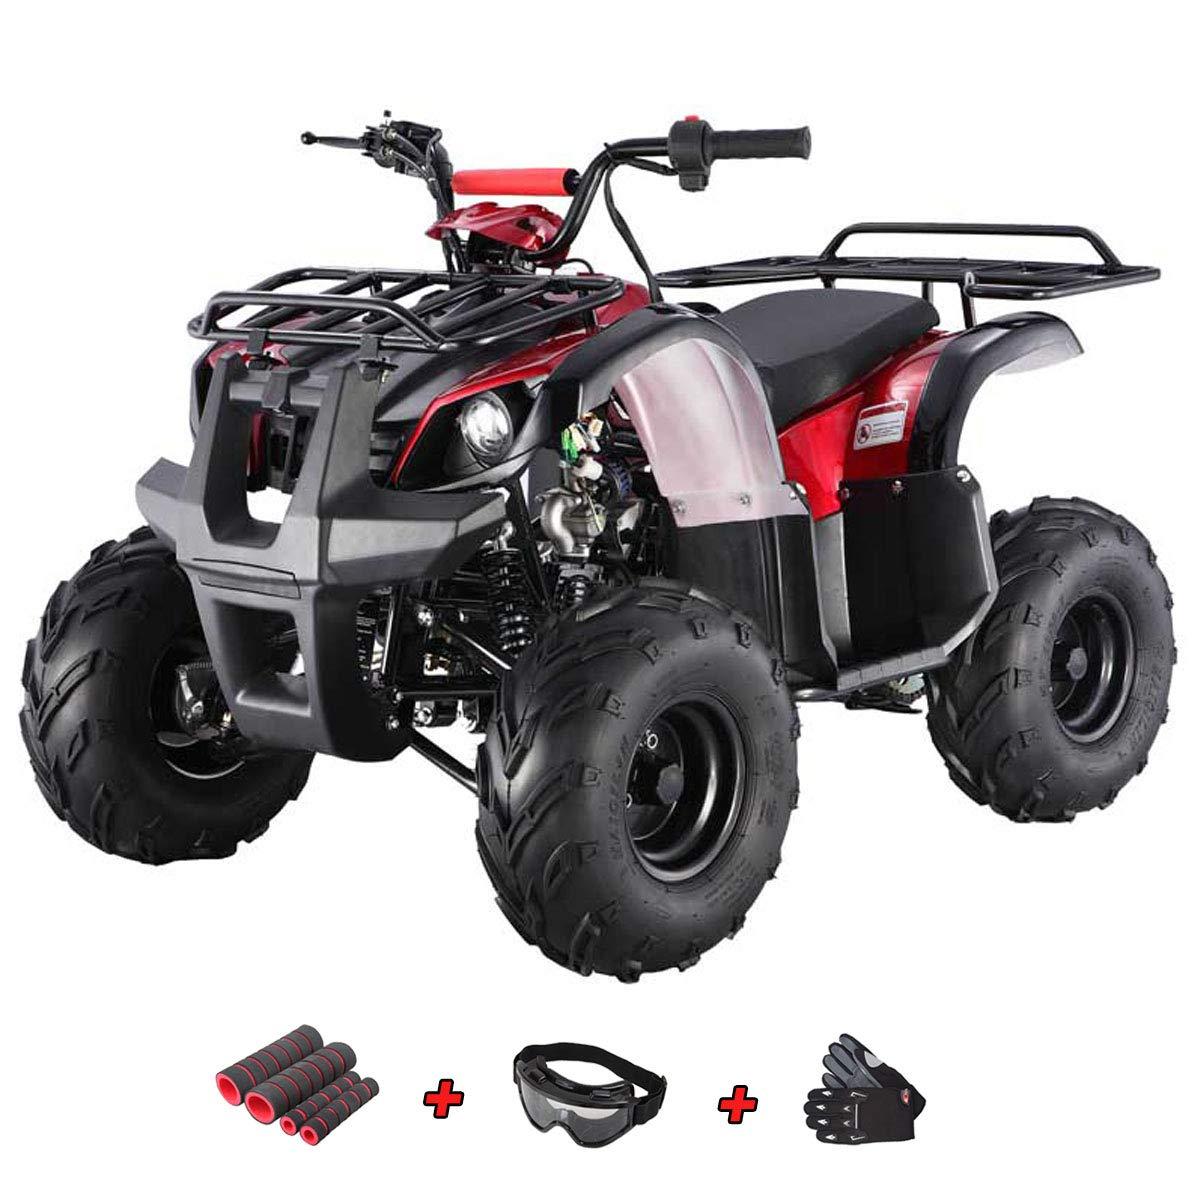 X-Pro 125cc ATVクアッドキッズ ATV ユース ATV 4輪バギー125 ATVクアッドコプター、グローブ、ゴーグル、ハンドグリップ付き  Spider Blue B07R6KVSN1